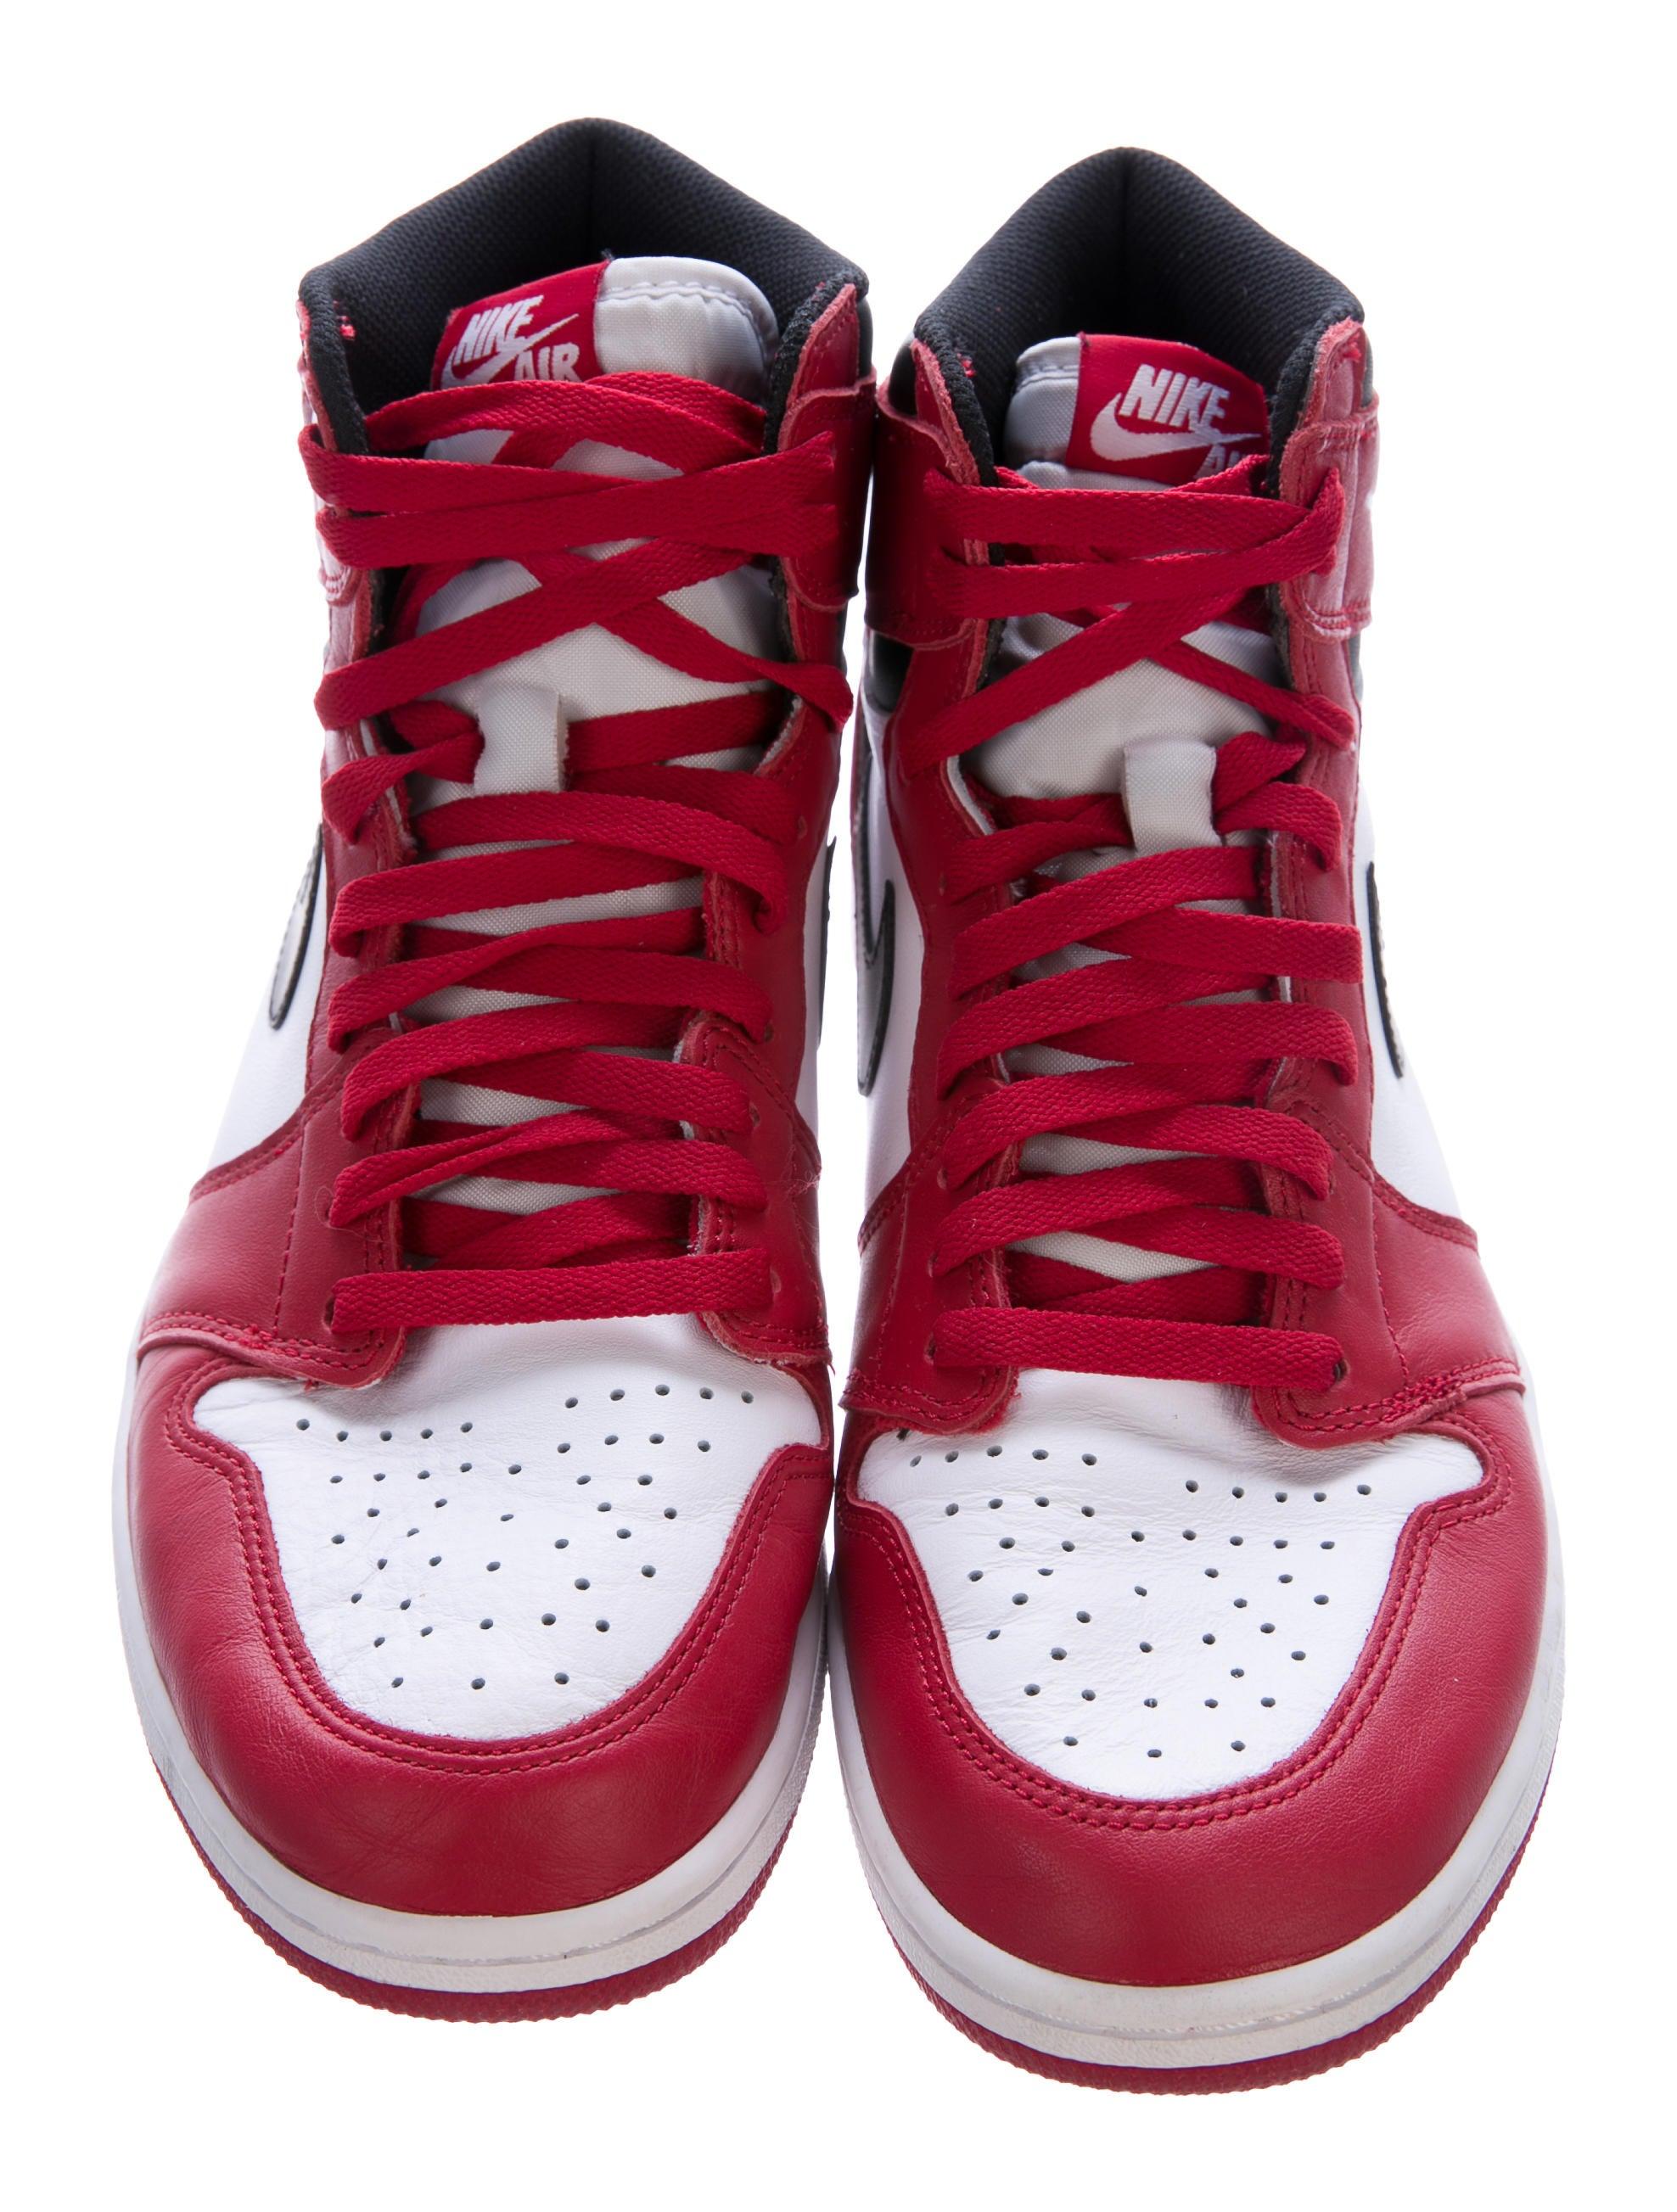 Nike Air Jordan 1 Retro Chicago Sneakers Shoes